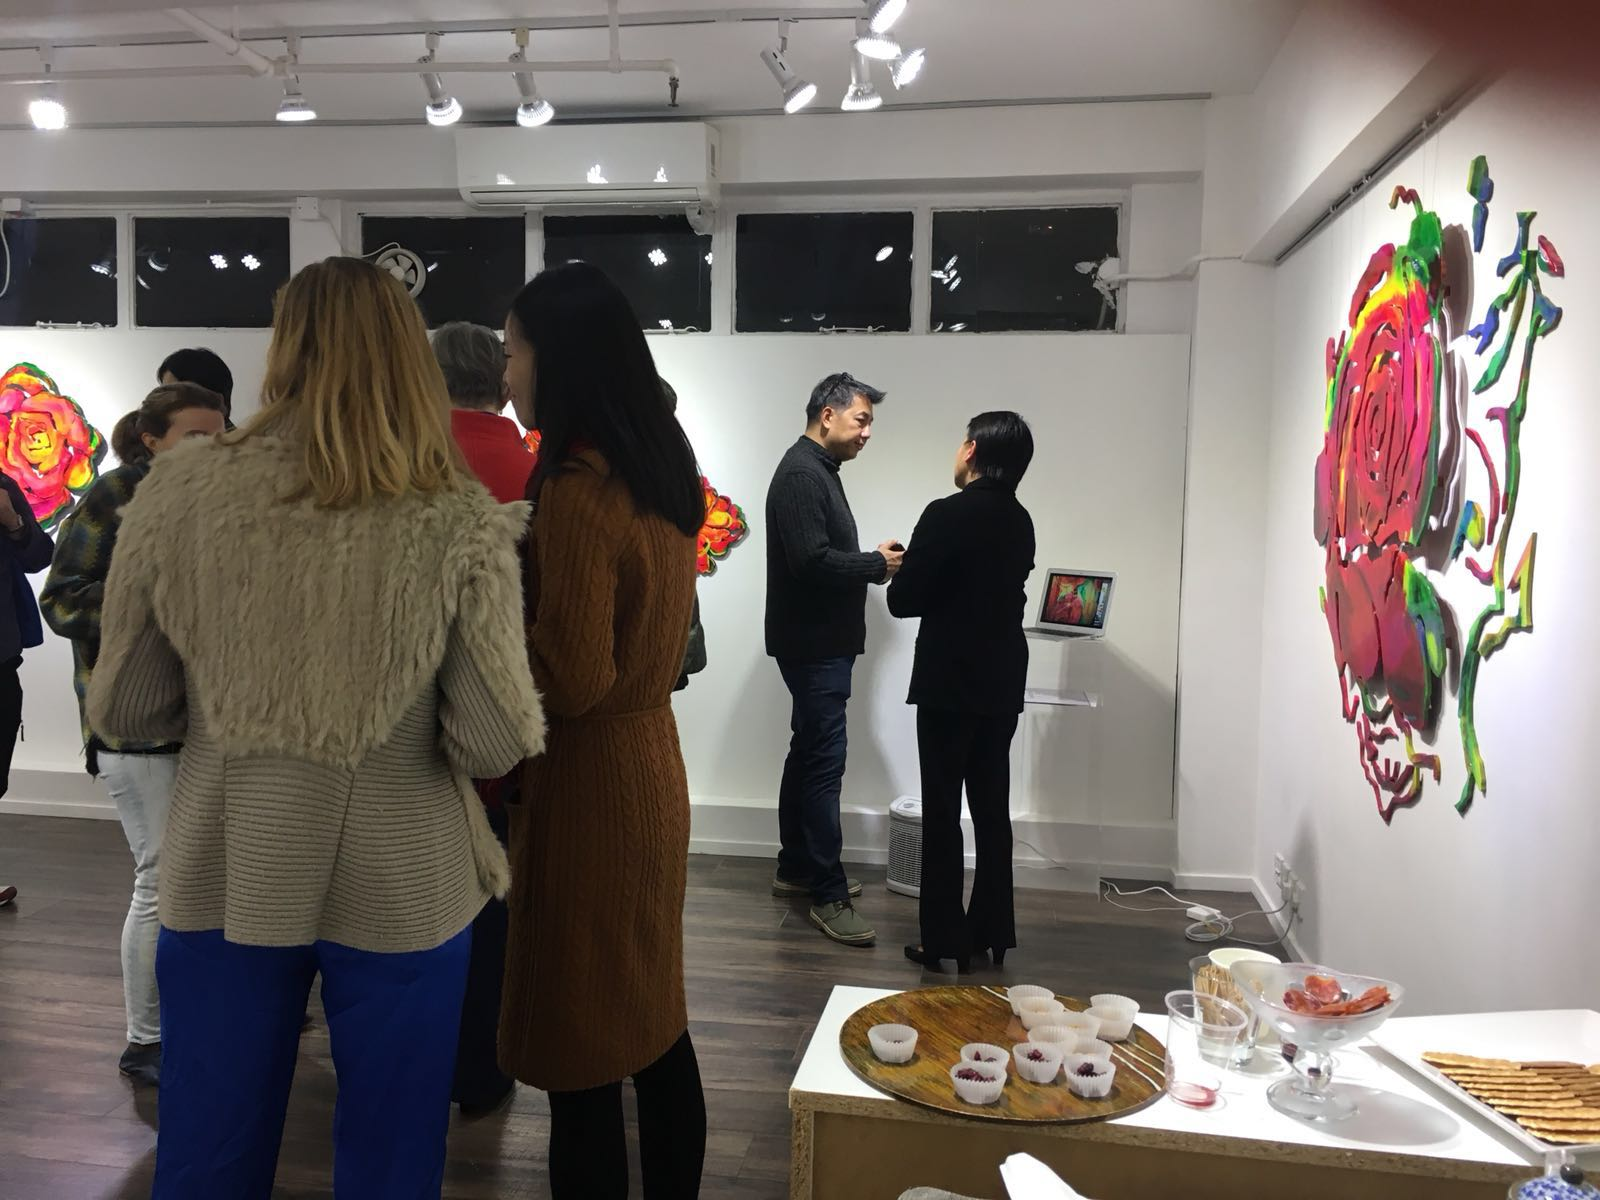 c008dee1 a8ba 41ae 9c4f c1dc62532ef6 Solo Exhibition Hong Kong Galería Koo.